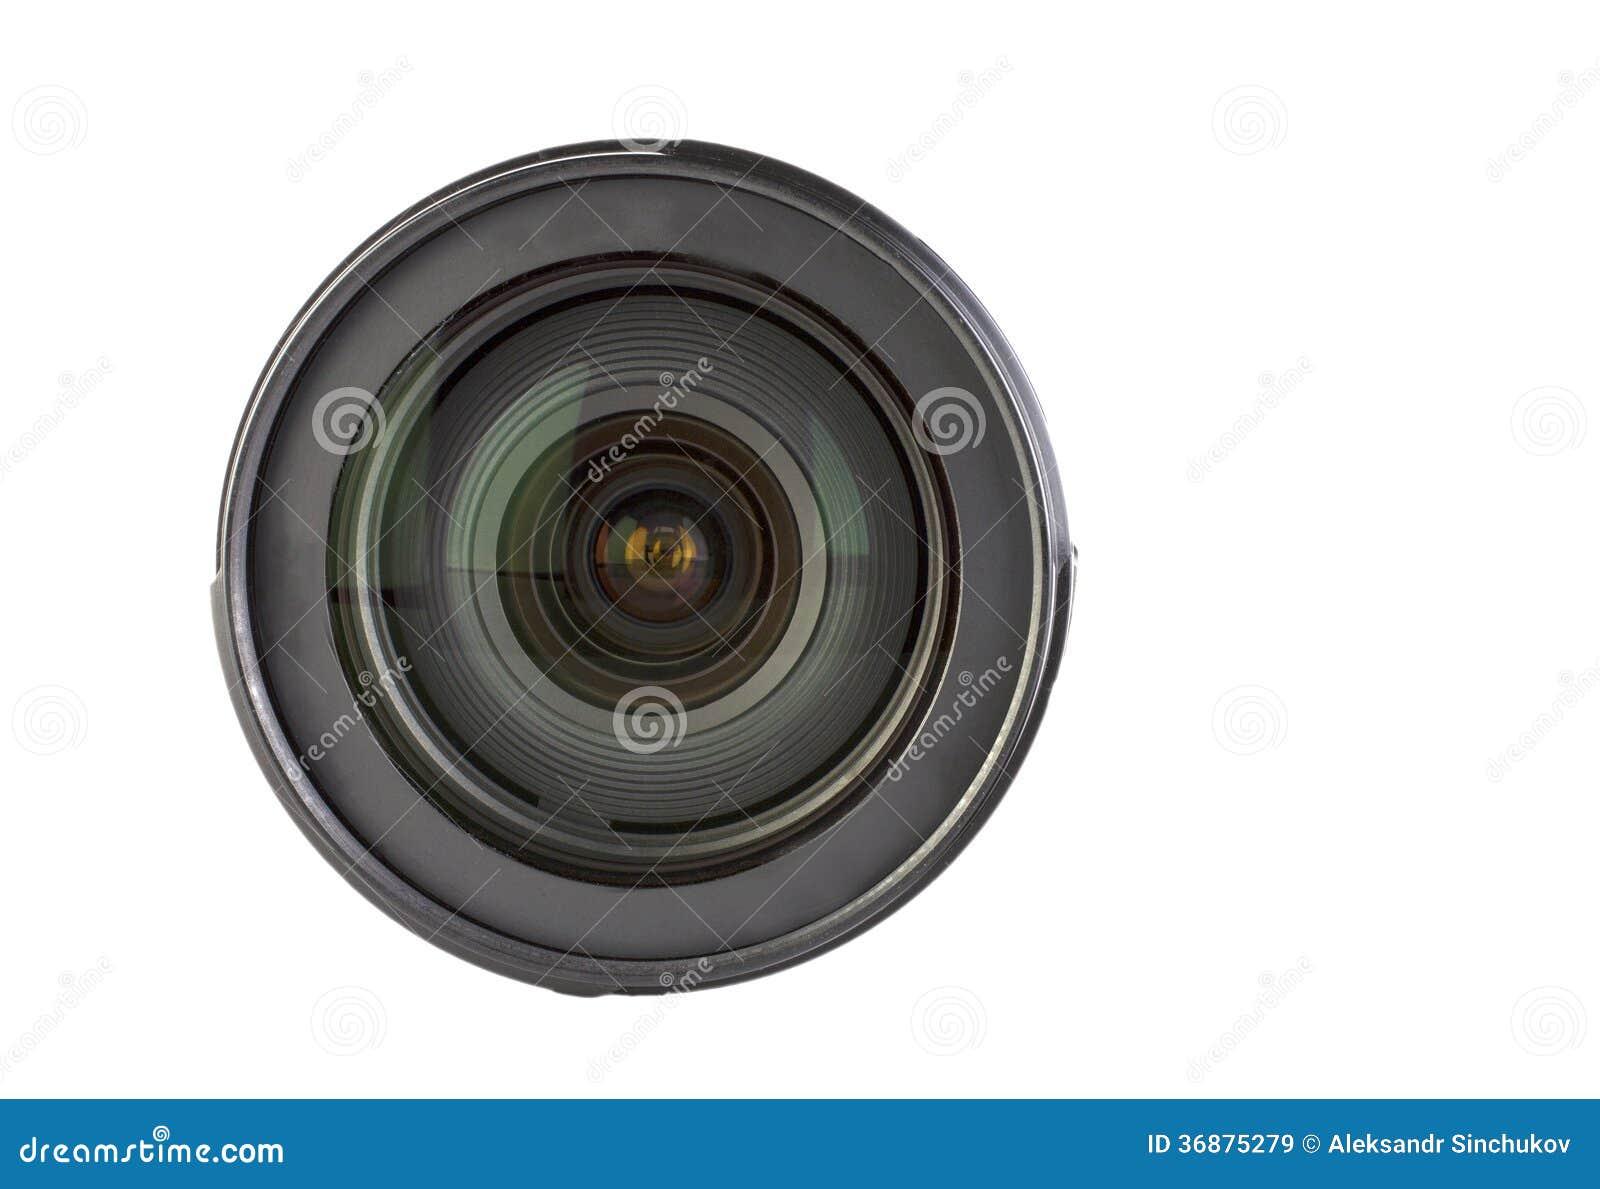 Download Lente isolata immagine stock. Immagine di vetro, obiettivo - 36875279